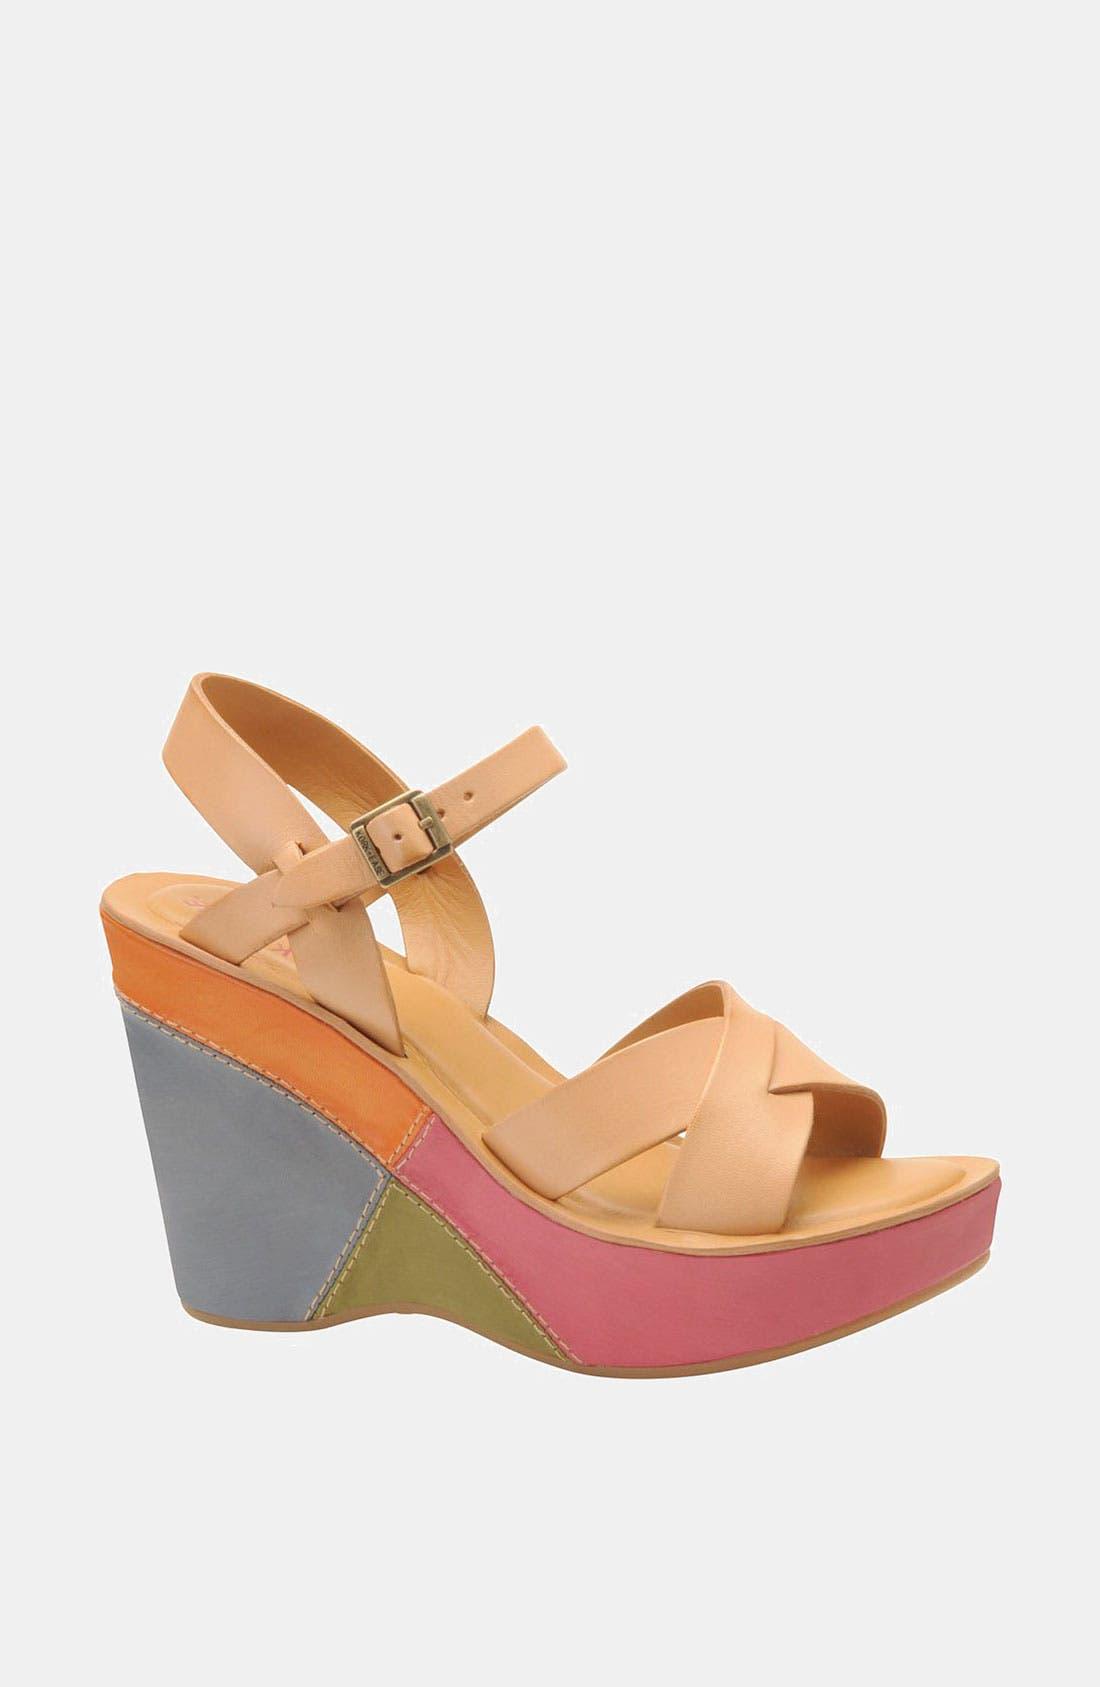 Main Image - Kork-Ease 'Bette' Wedge Sandal